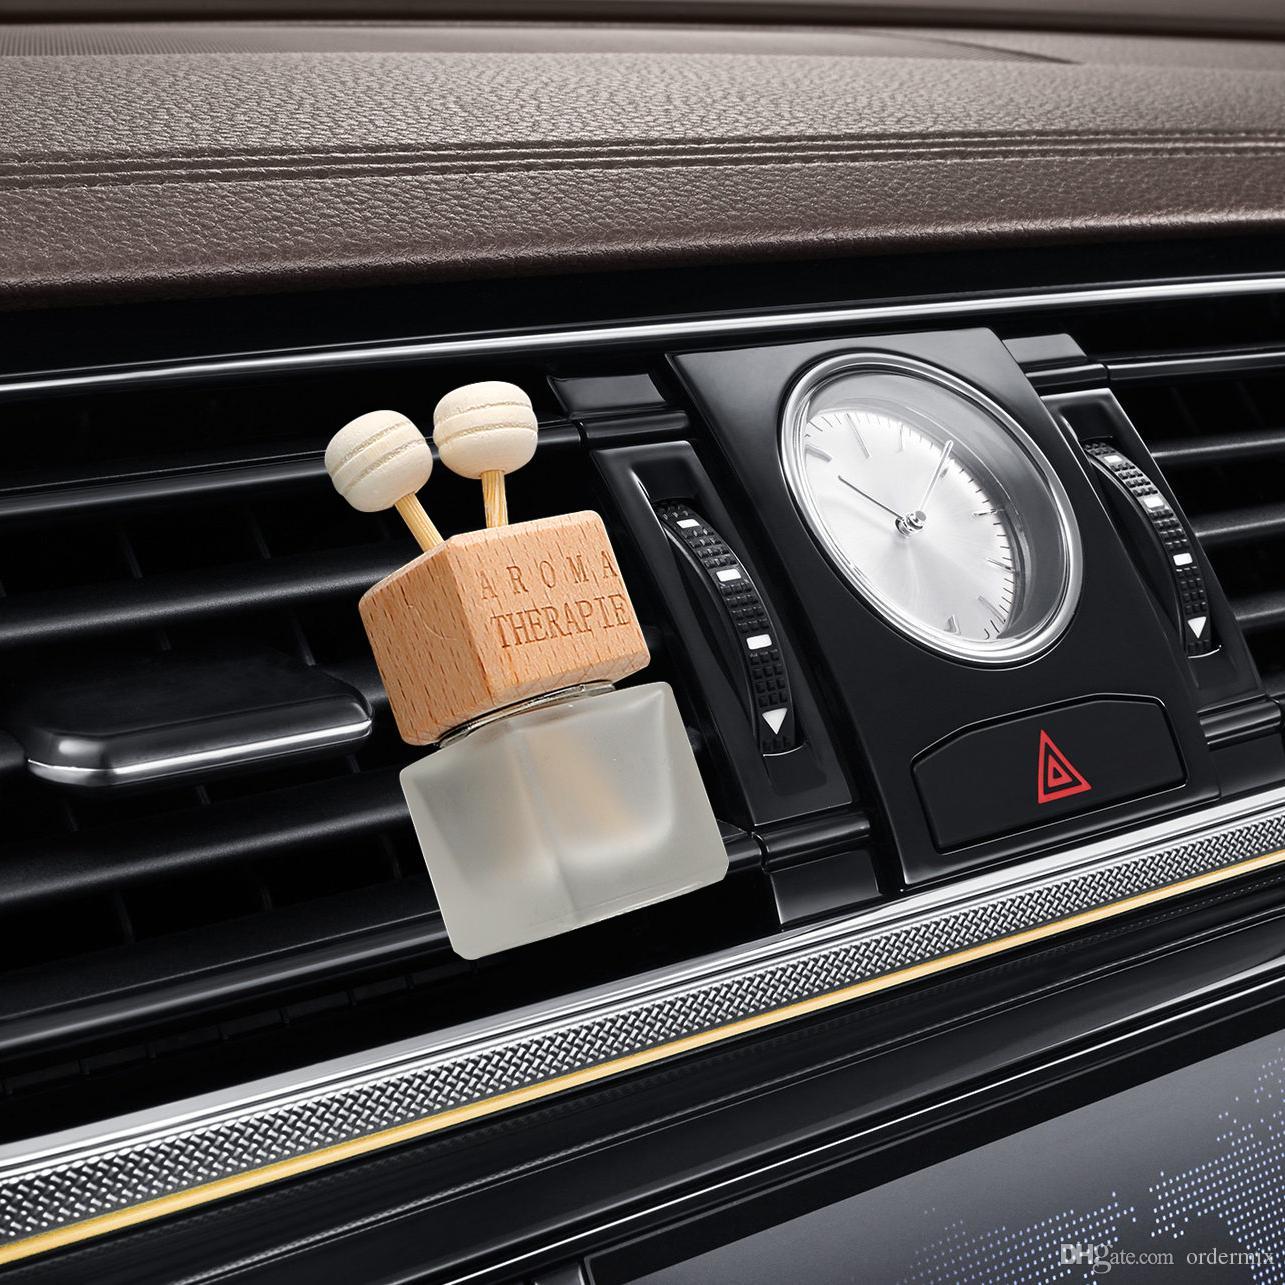 Samochód Odświeżacz Odświeżacz Wiszący Szklana butelka do olejków Expluds Car Perfume Butelka Crystal Car-Styling Auto Ornament Perfume Wisiorek